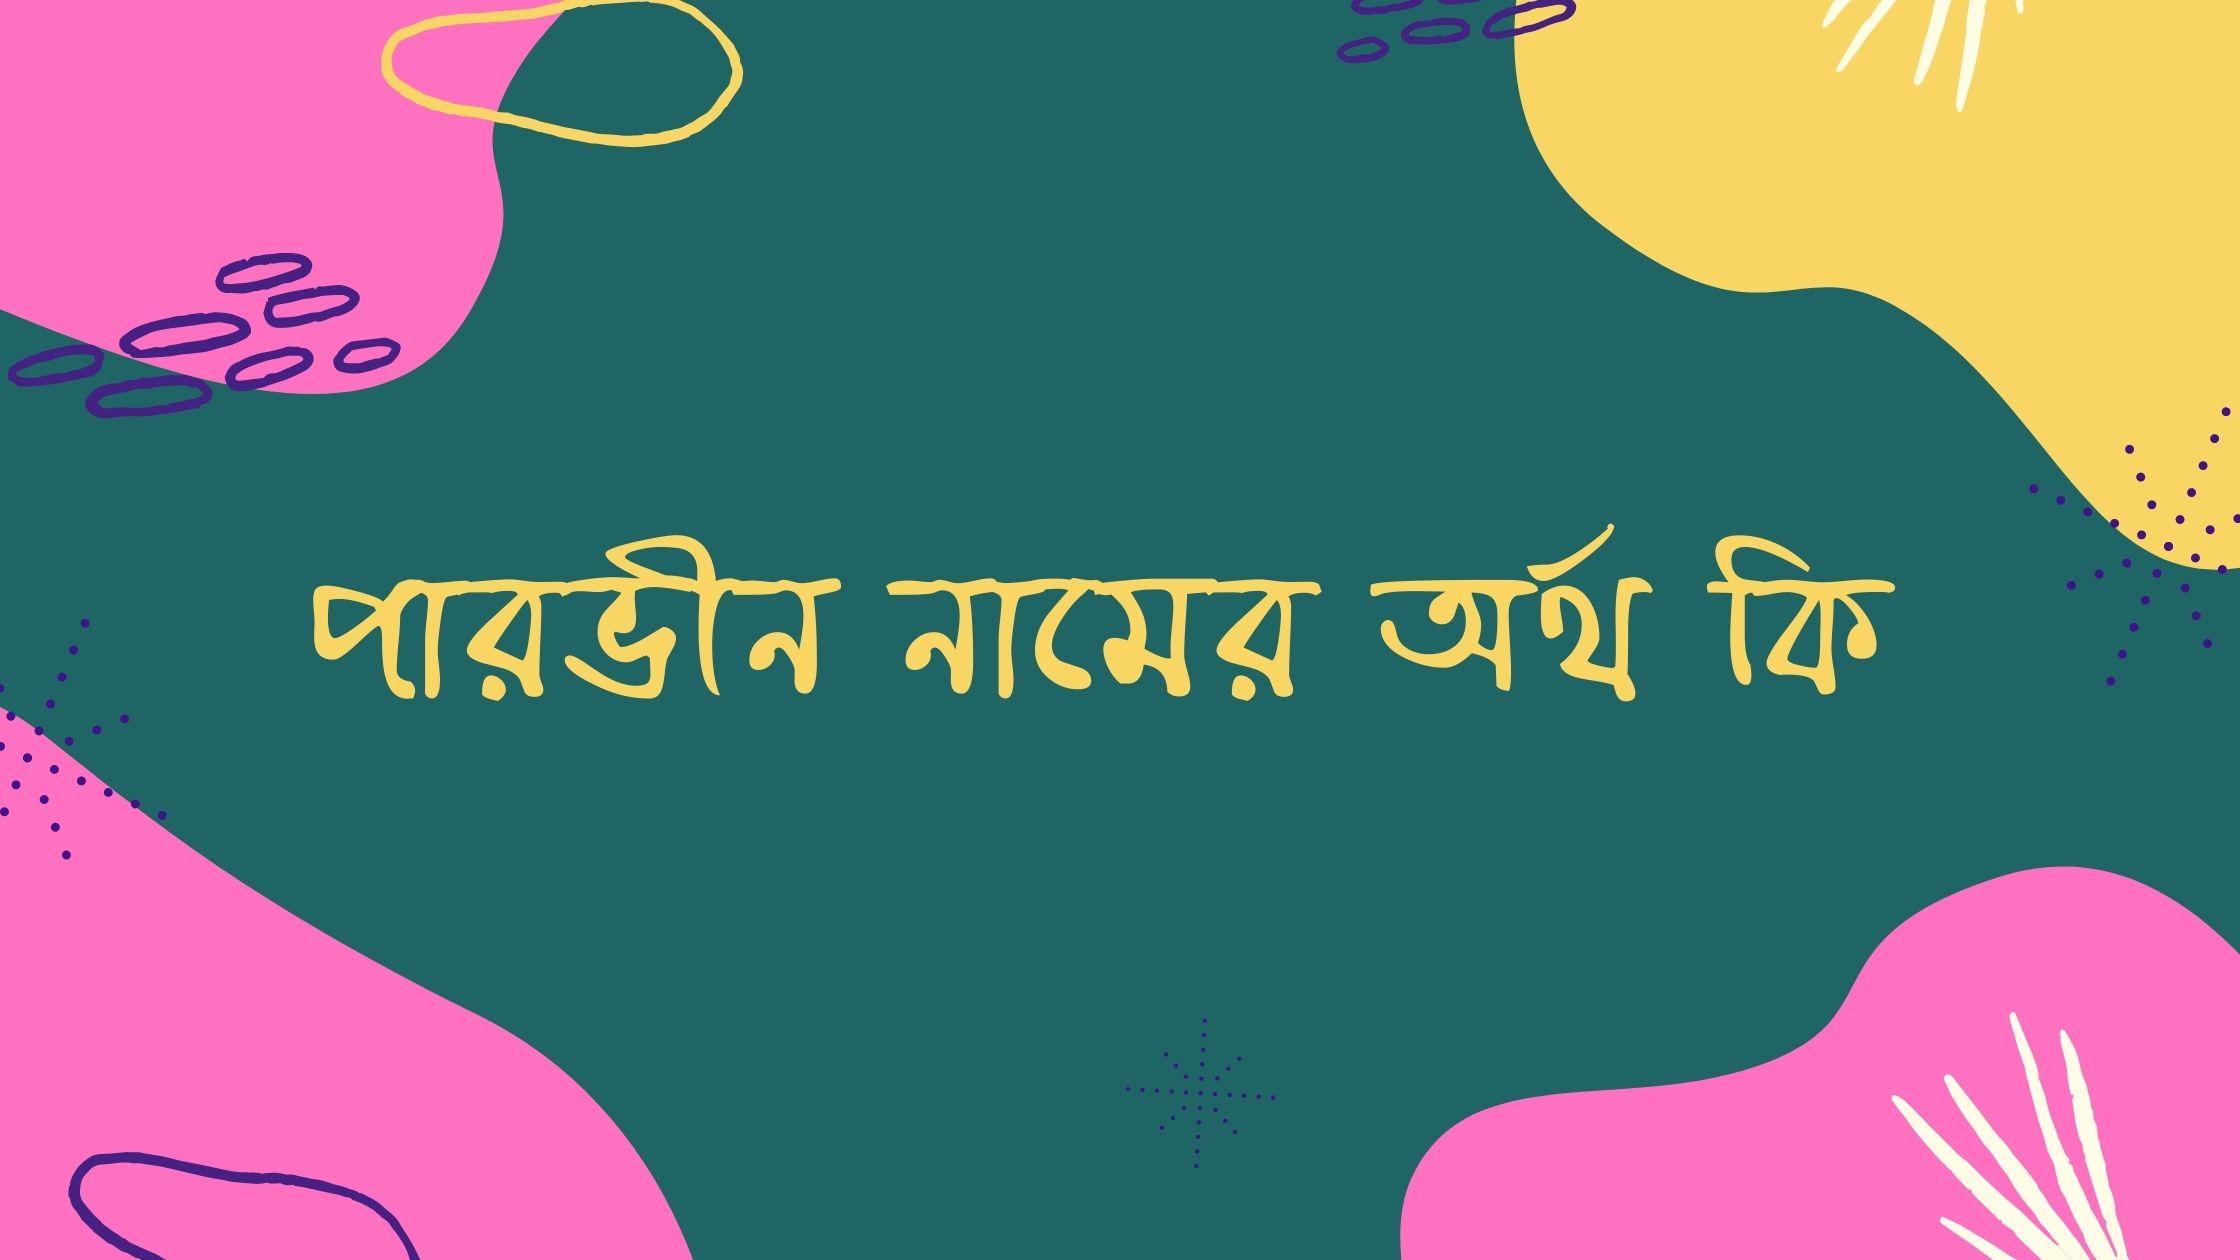 পারভীন নামের অর্থ কি parveen name ka arth